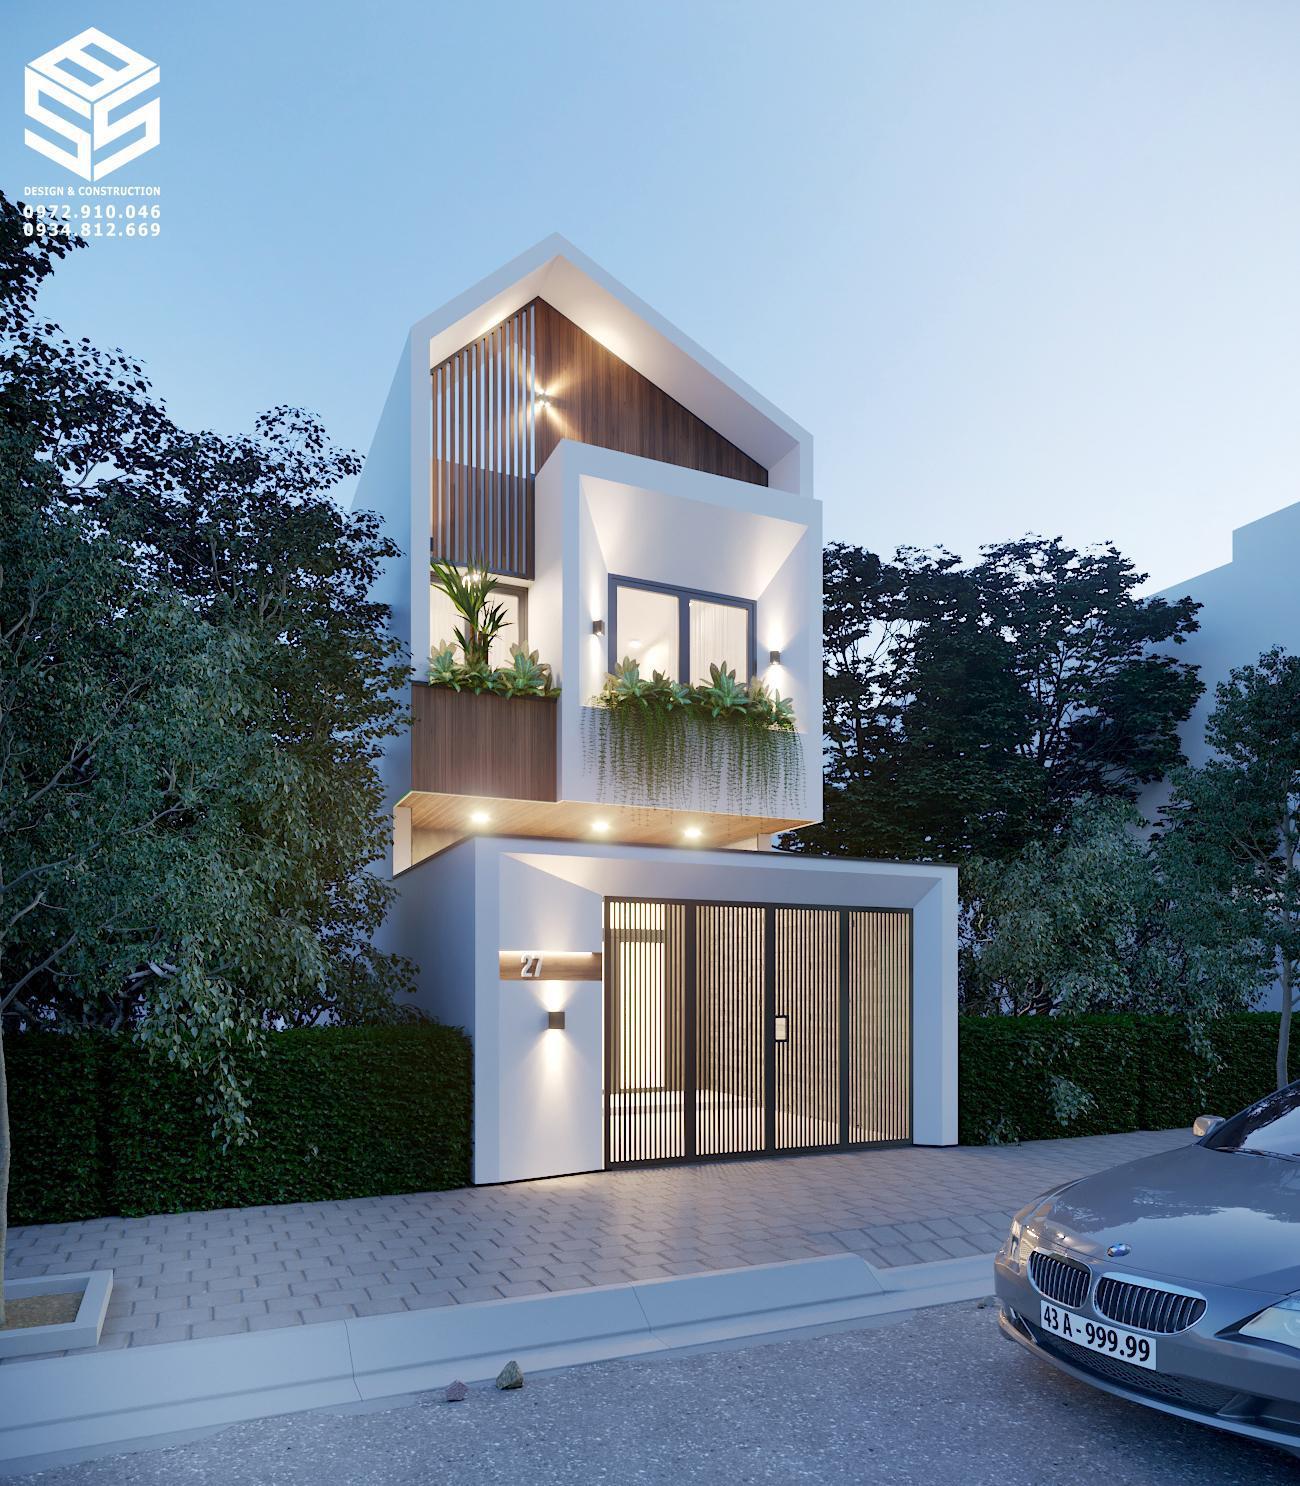 mặt tiền nhà 2 tầng đơn giản